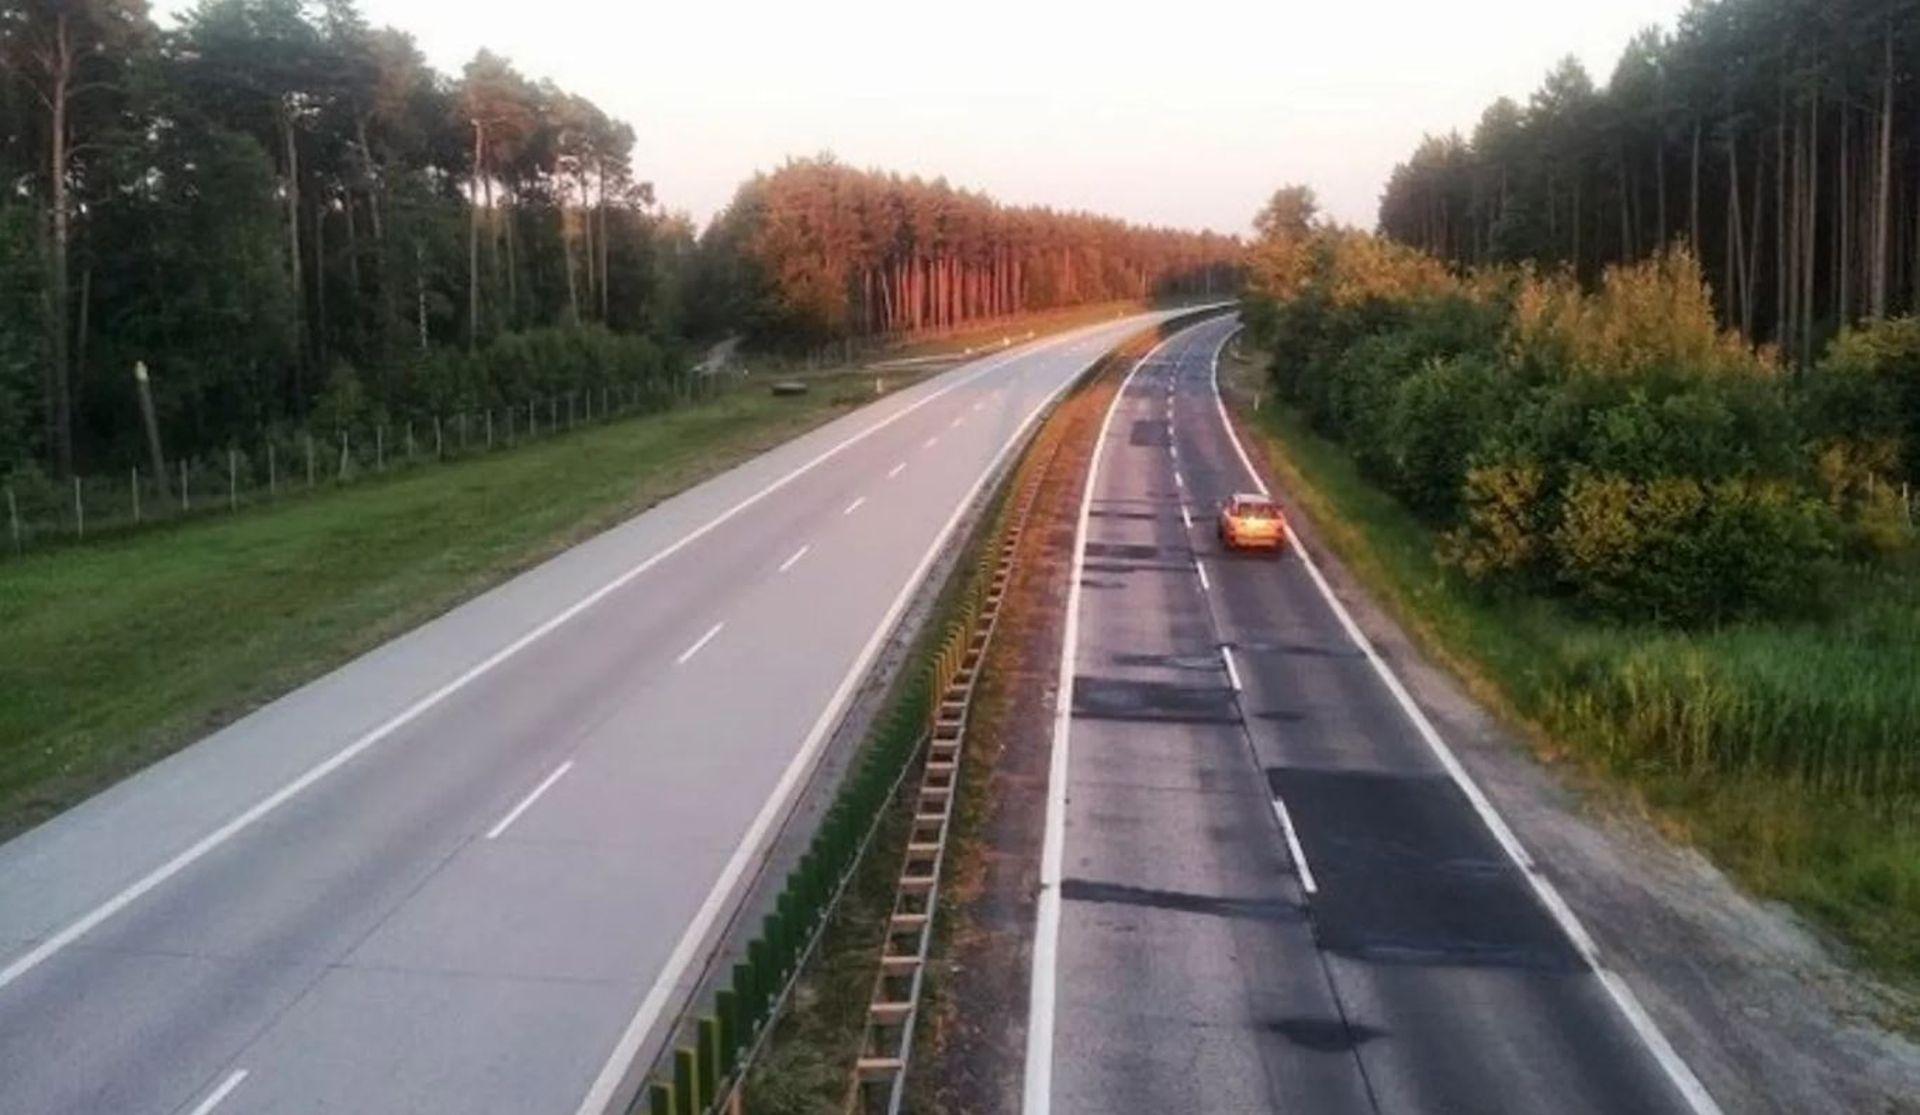 Wybrano wykonawcę przebudowy ostatniego odcinka DK8 do parametrów autostrady A18